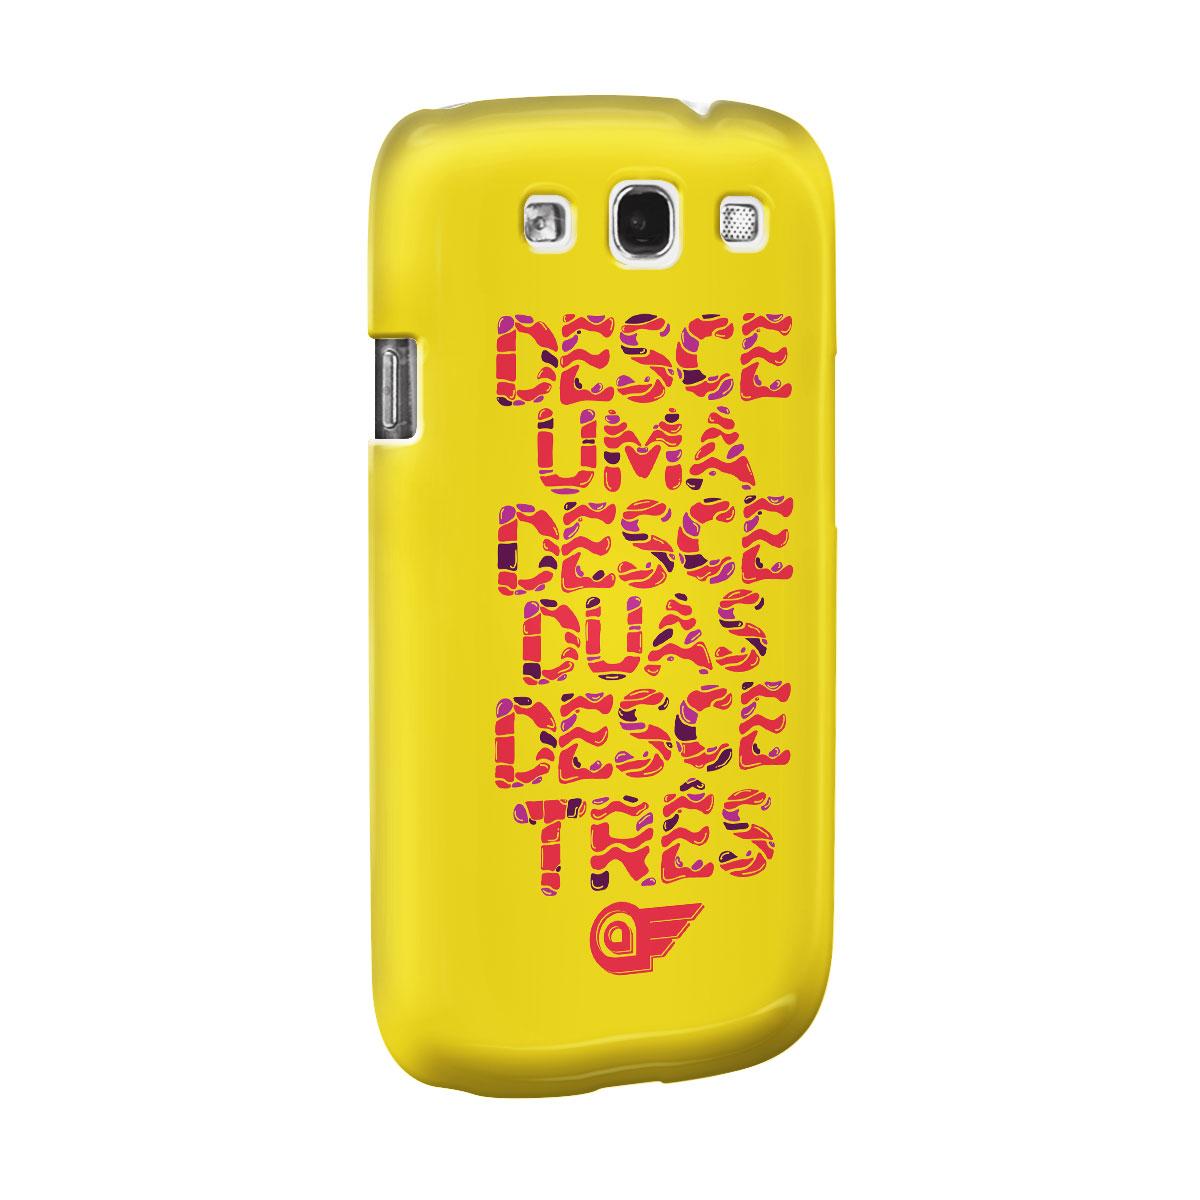 Capa de Celular Samsung Galaxy S3 Aviões do Forró Desce Duas